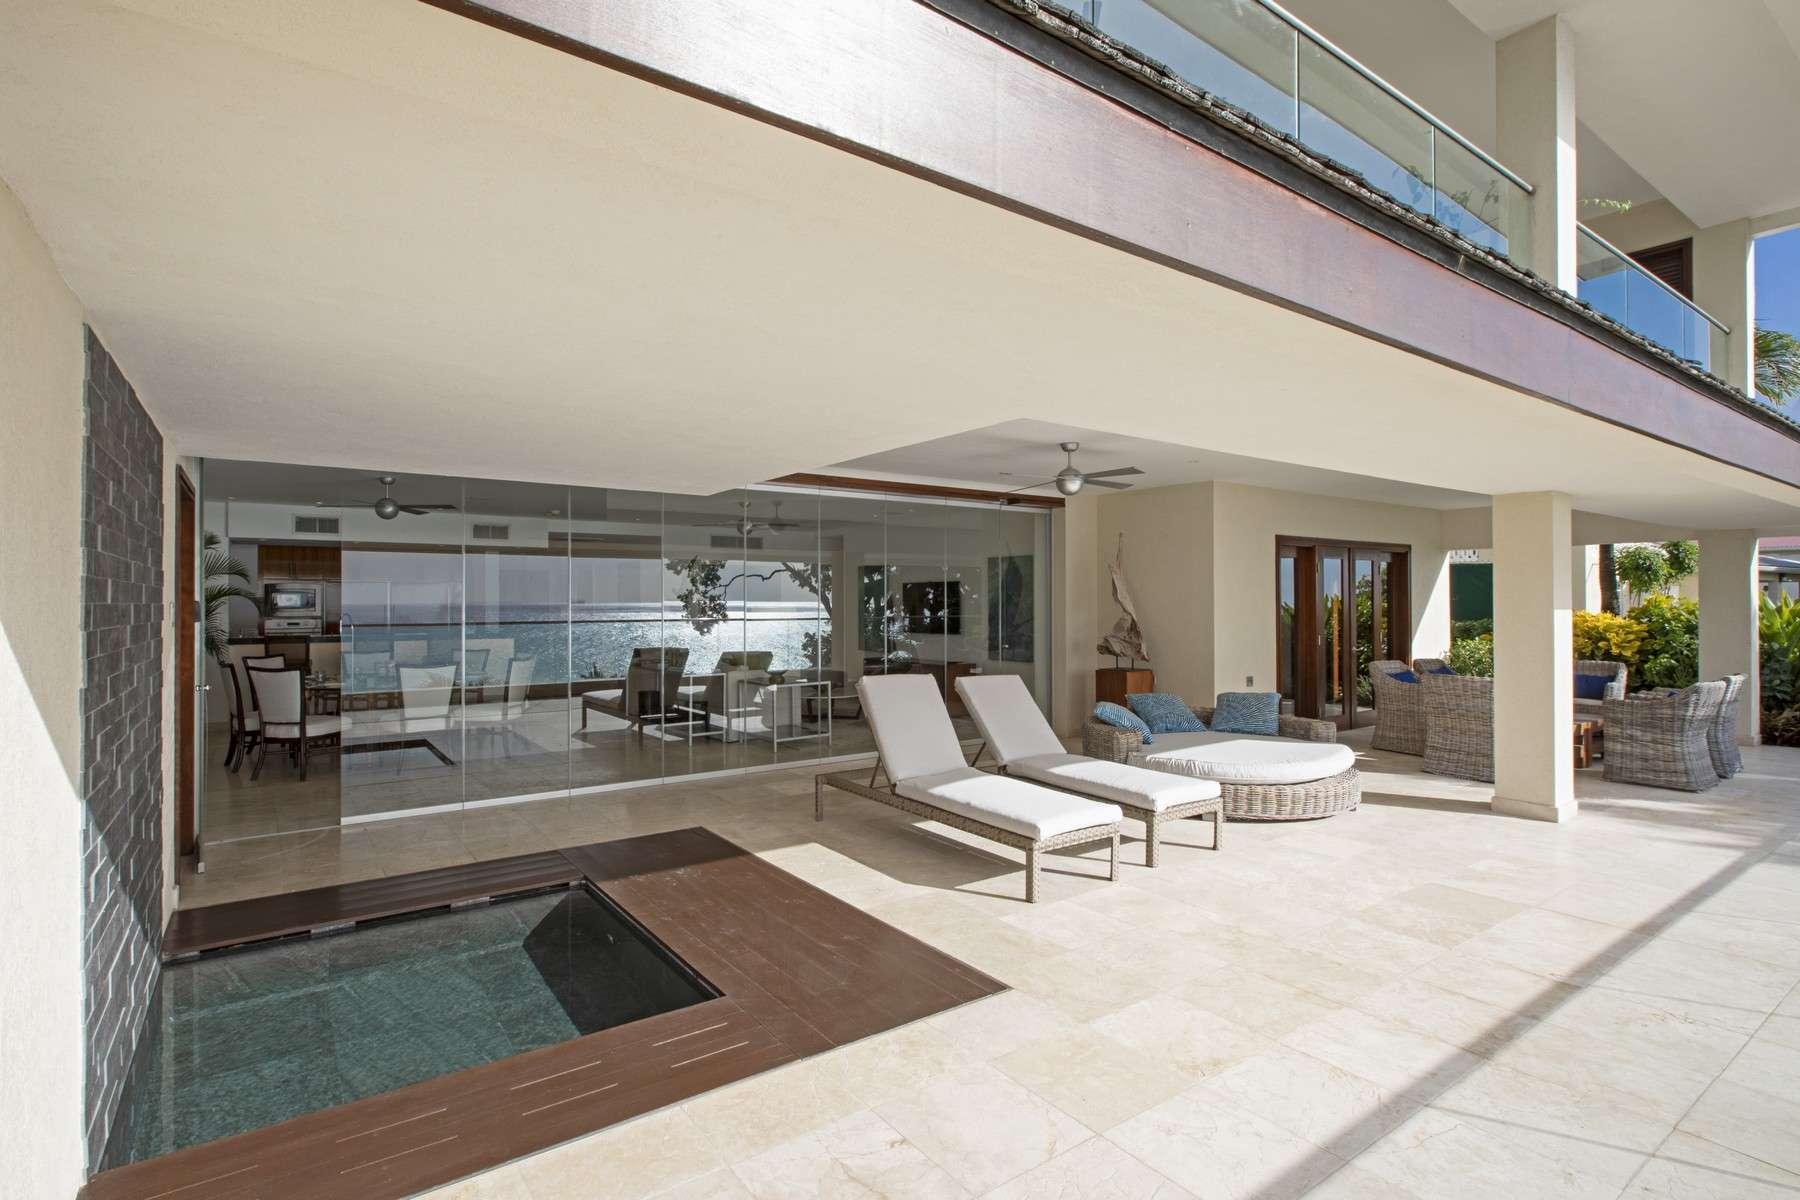 Luxury villa rentals caribbean - Barbados - St james - Prospect - Portico 1 - Image 1/21